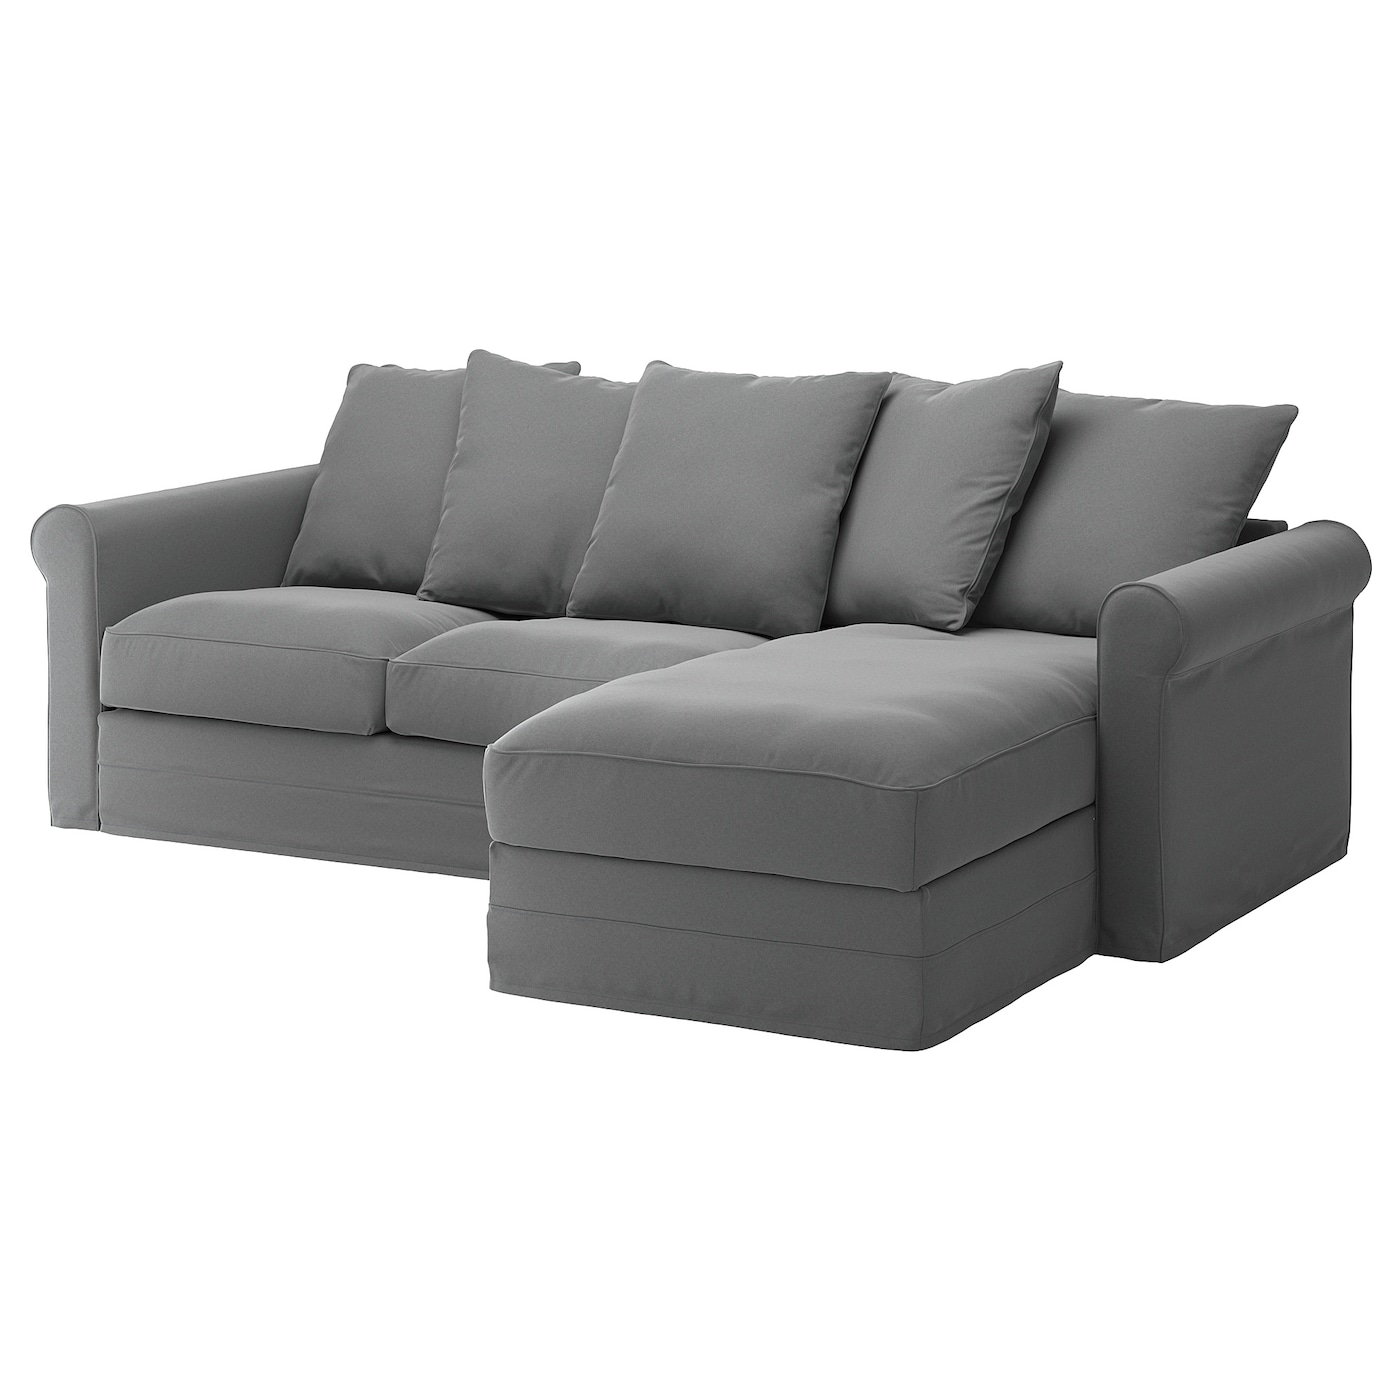 Sof s y sillones compra online ikea - Compra sofas online ...